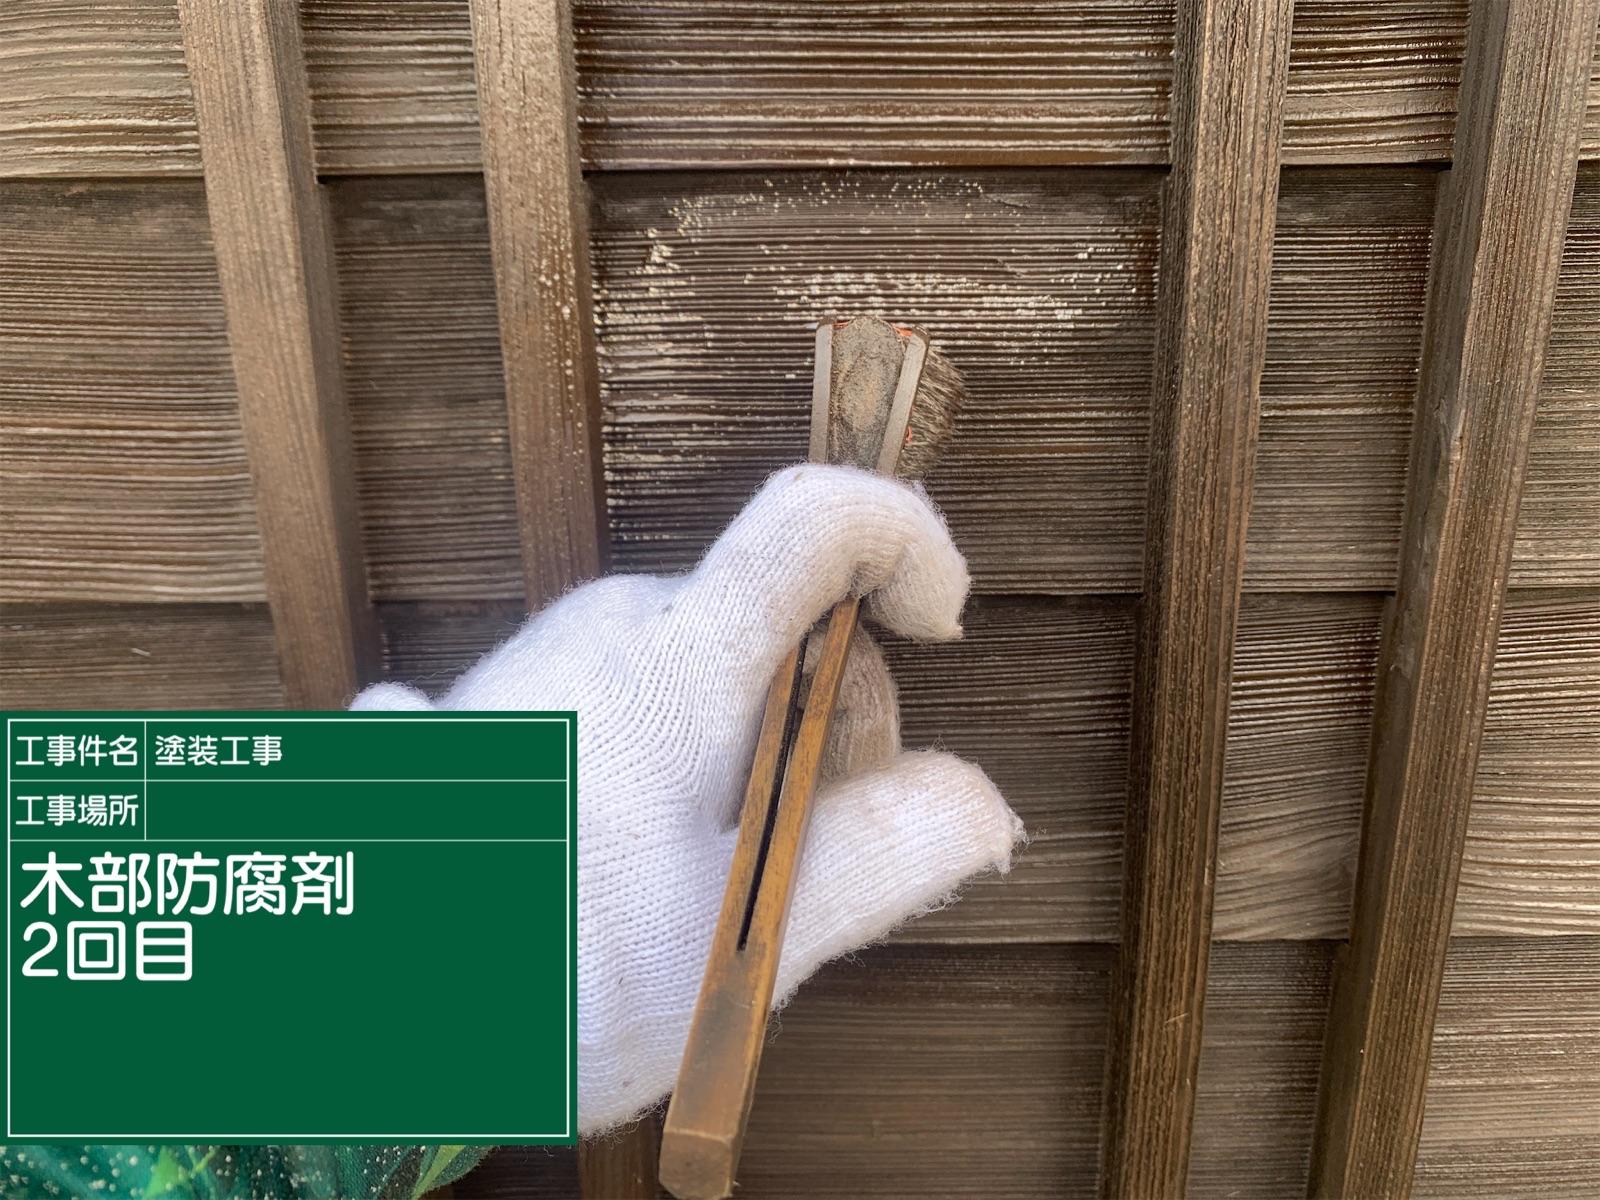 木部防腐剤2回目中(3)300018